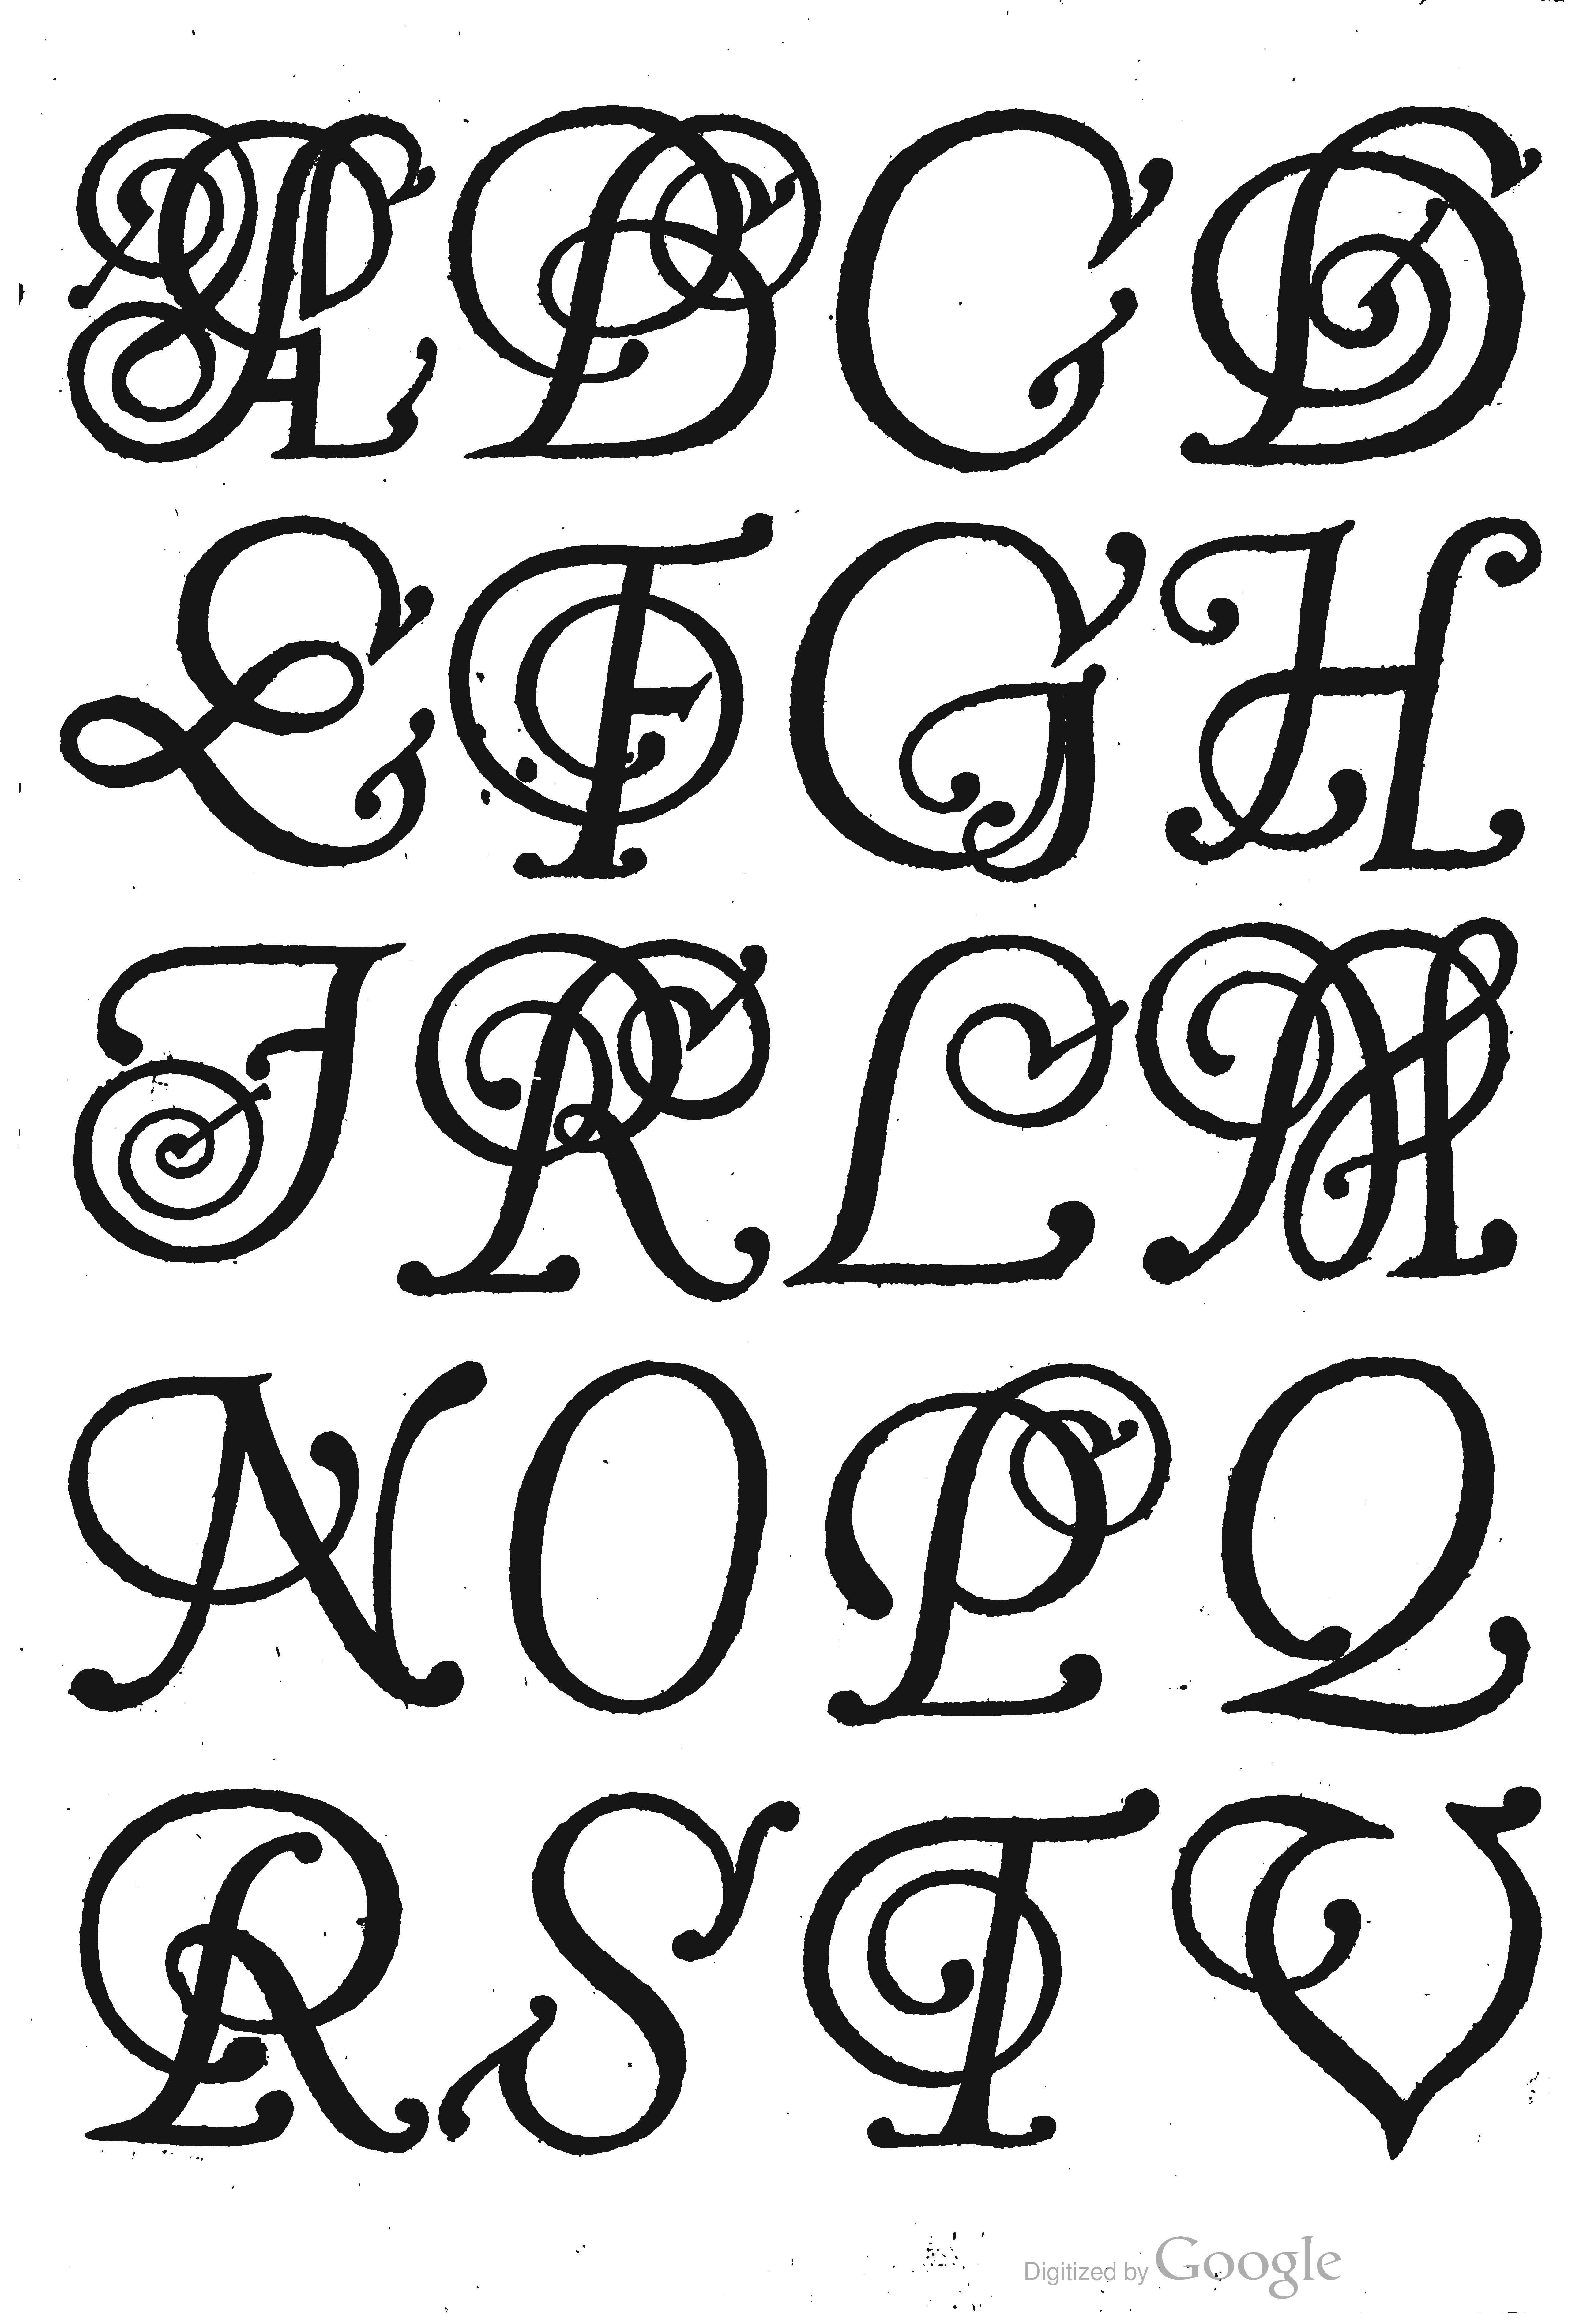 Swash italic apirla vy Pulus Franck (1601).